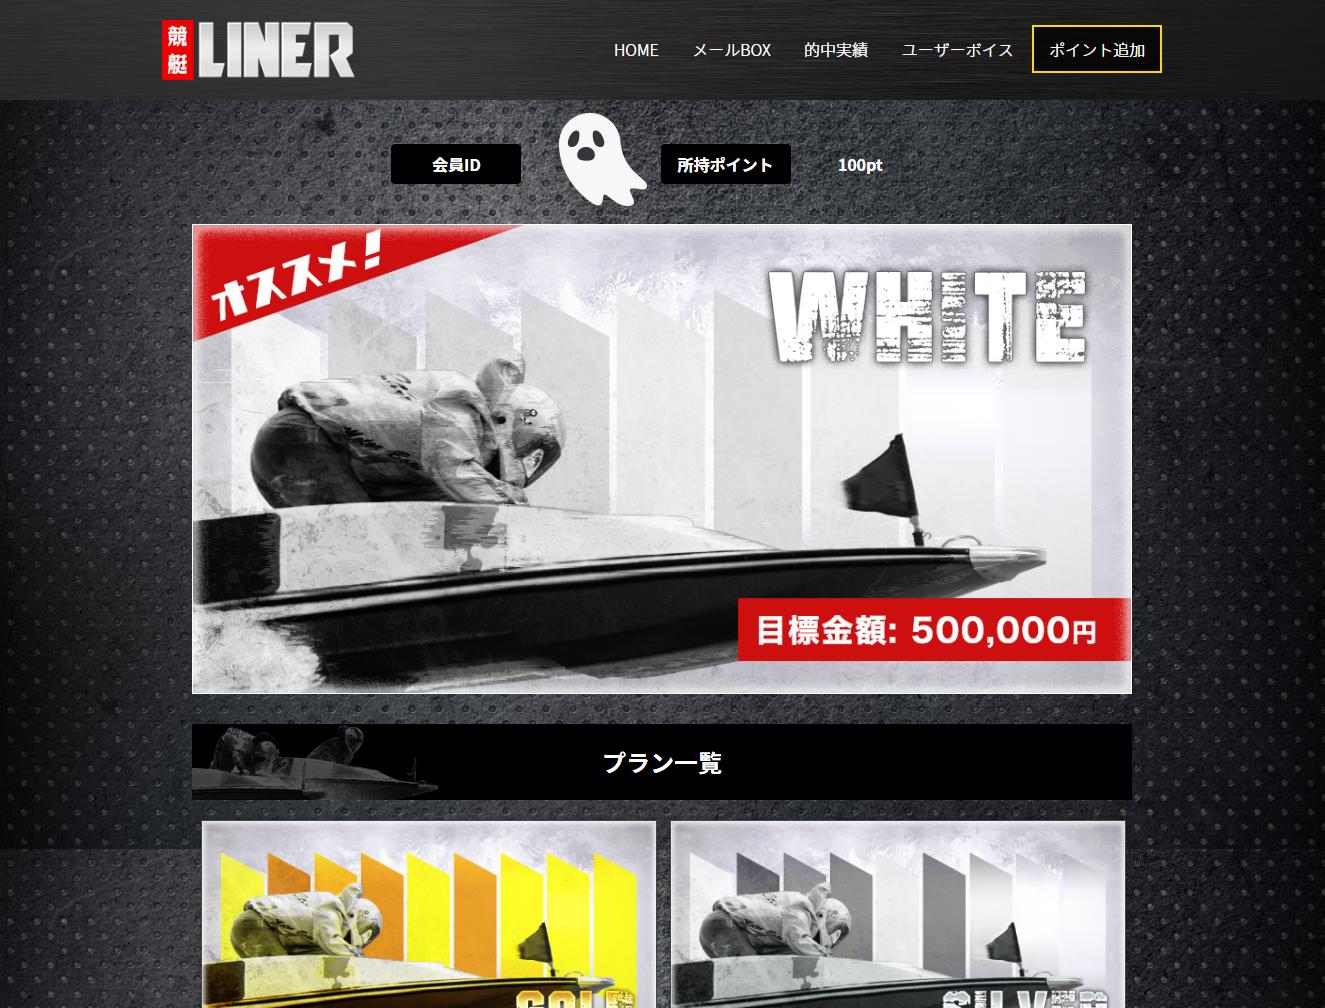 優良 競艇LINER(ライナー) 口コミ検証や無料情報の予想結果も公開中 会員ページTOP